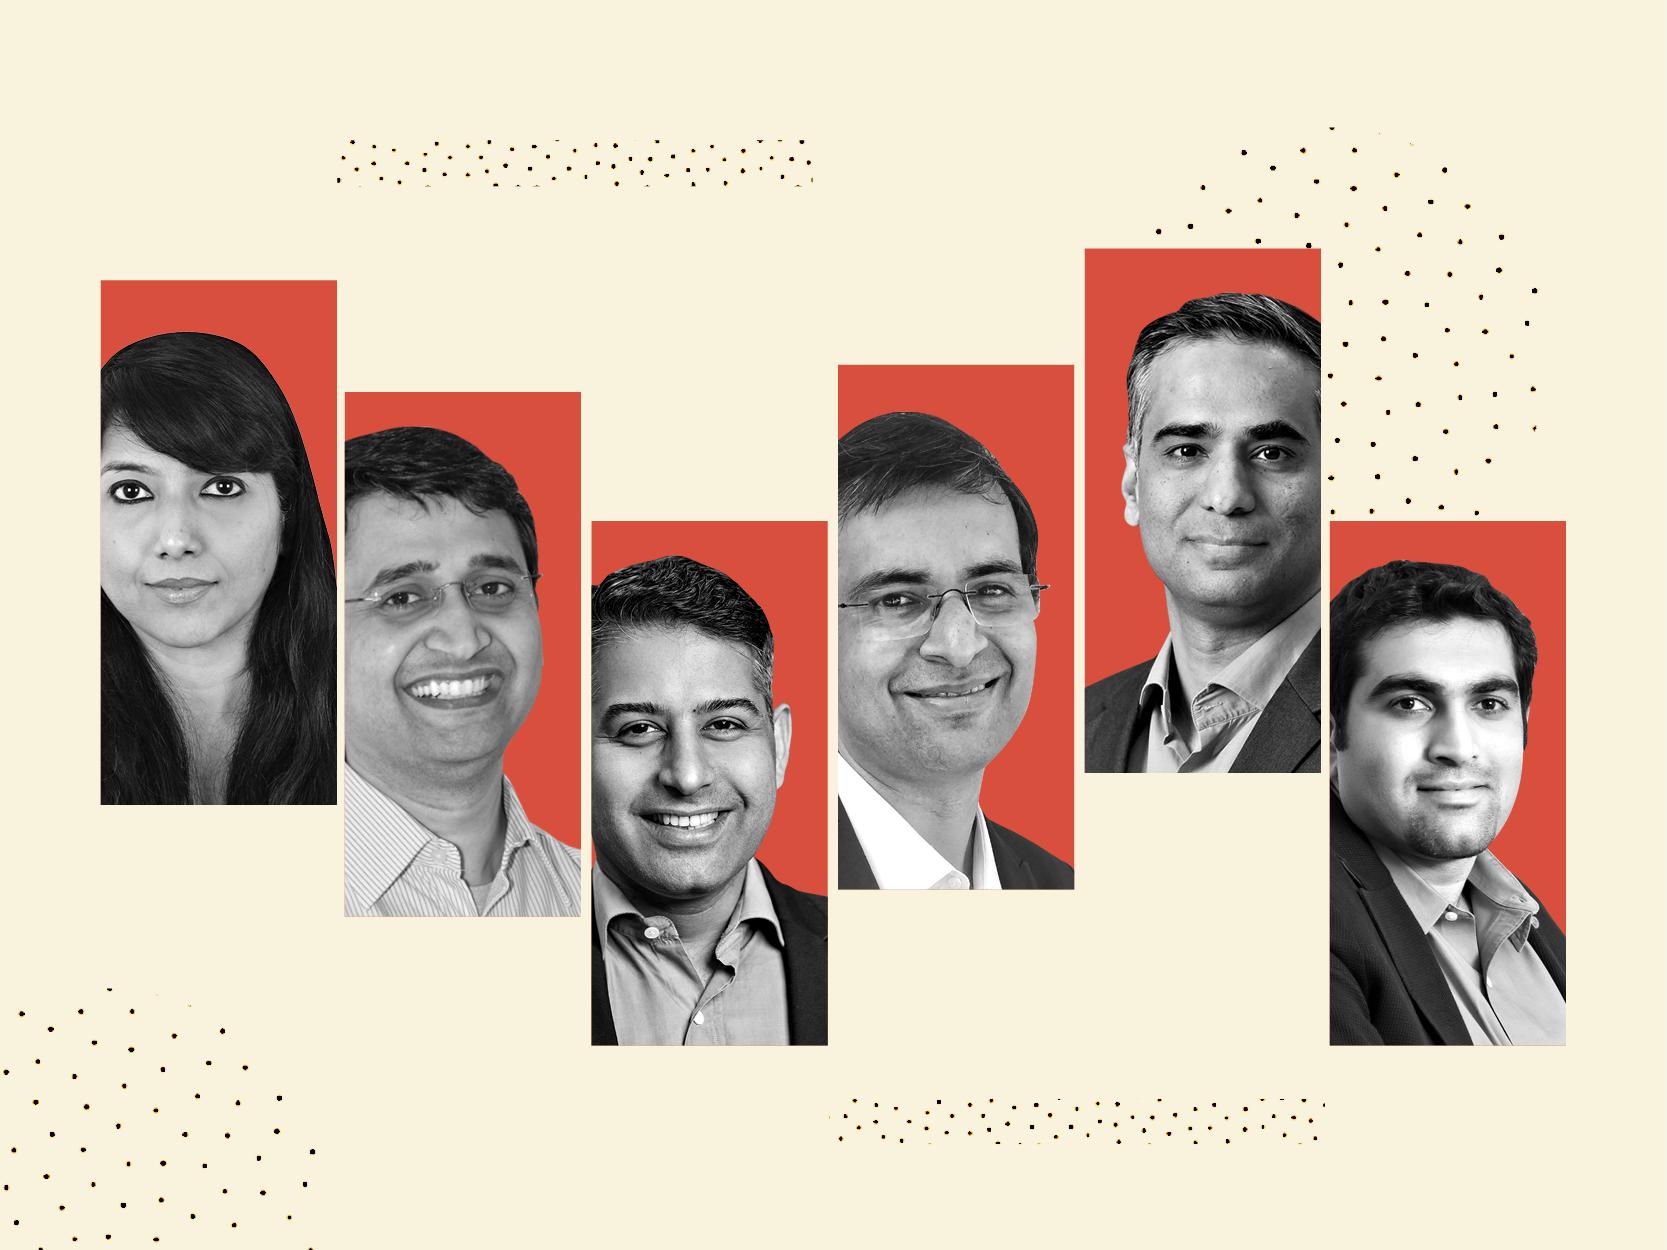 L-R: Shalini Girish, Amod Malviya, Adarsh Menon, Kapil Makhija, Ankur Pahwa, Gaurav Hinduja